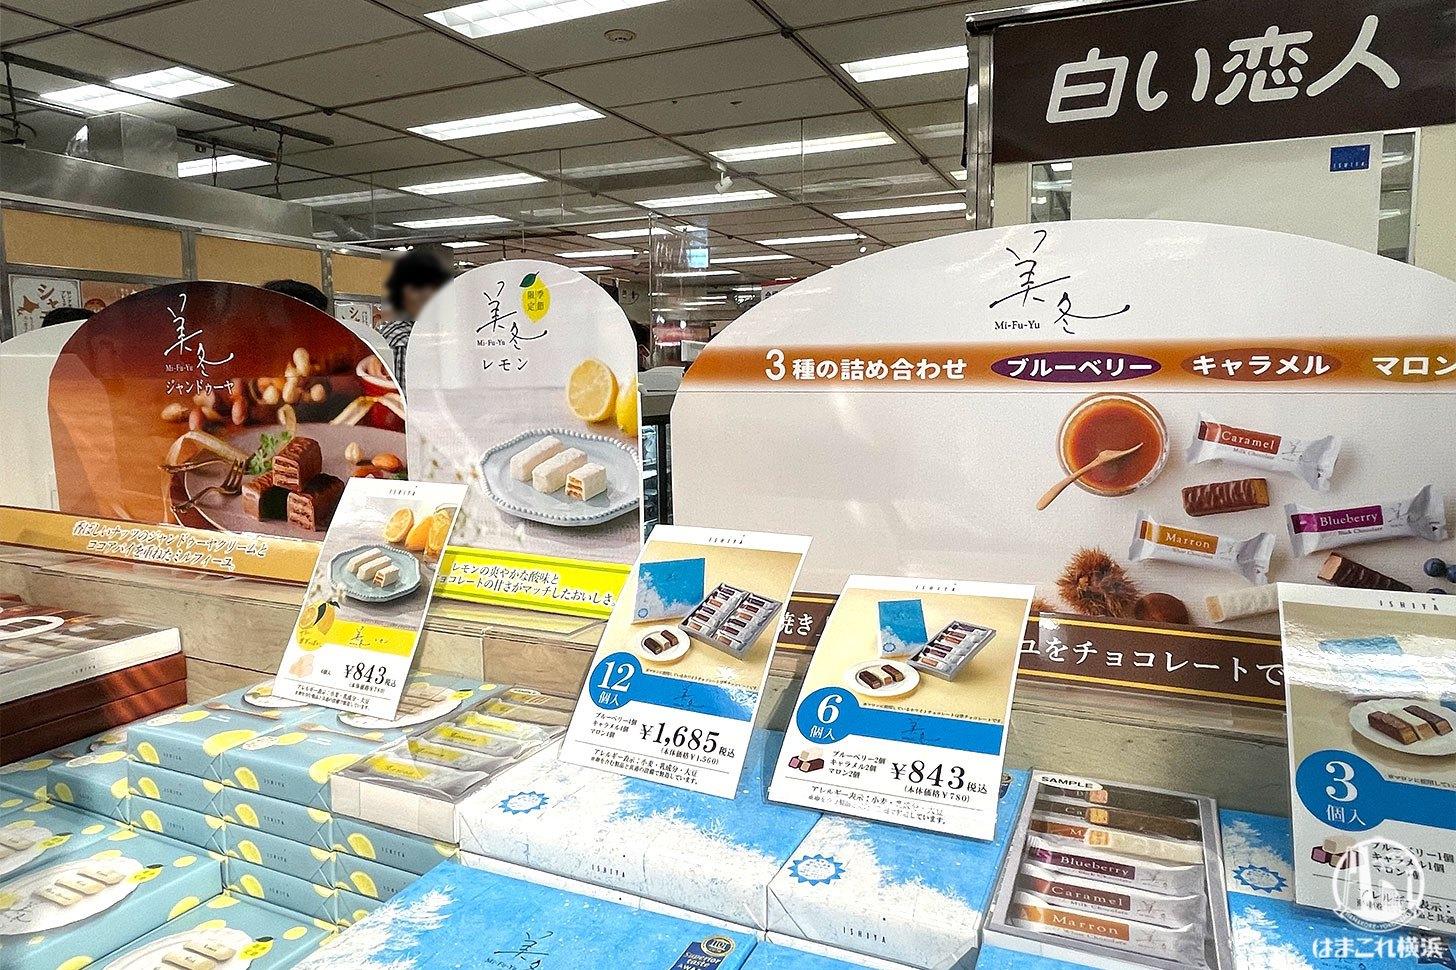 そごう横浜店 北海道物産展